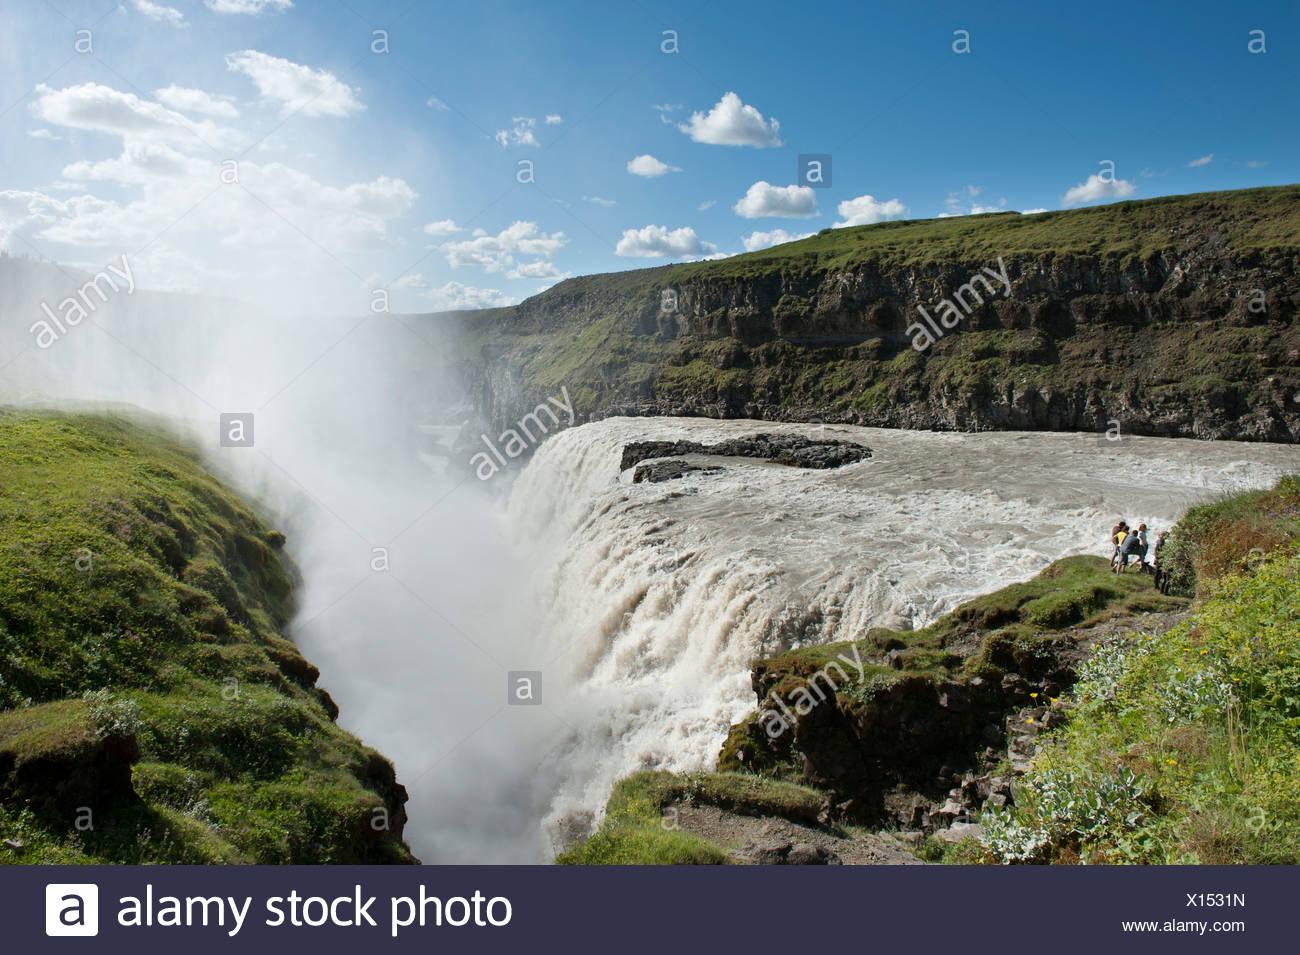 Großer Wasserfall Gullfoss, Fluss Hvítá mit Gischt und Regenbogen, Golden Circle, Island, Skandinavien, Nordeuropa, Europa Stockbild